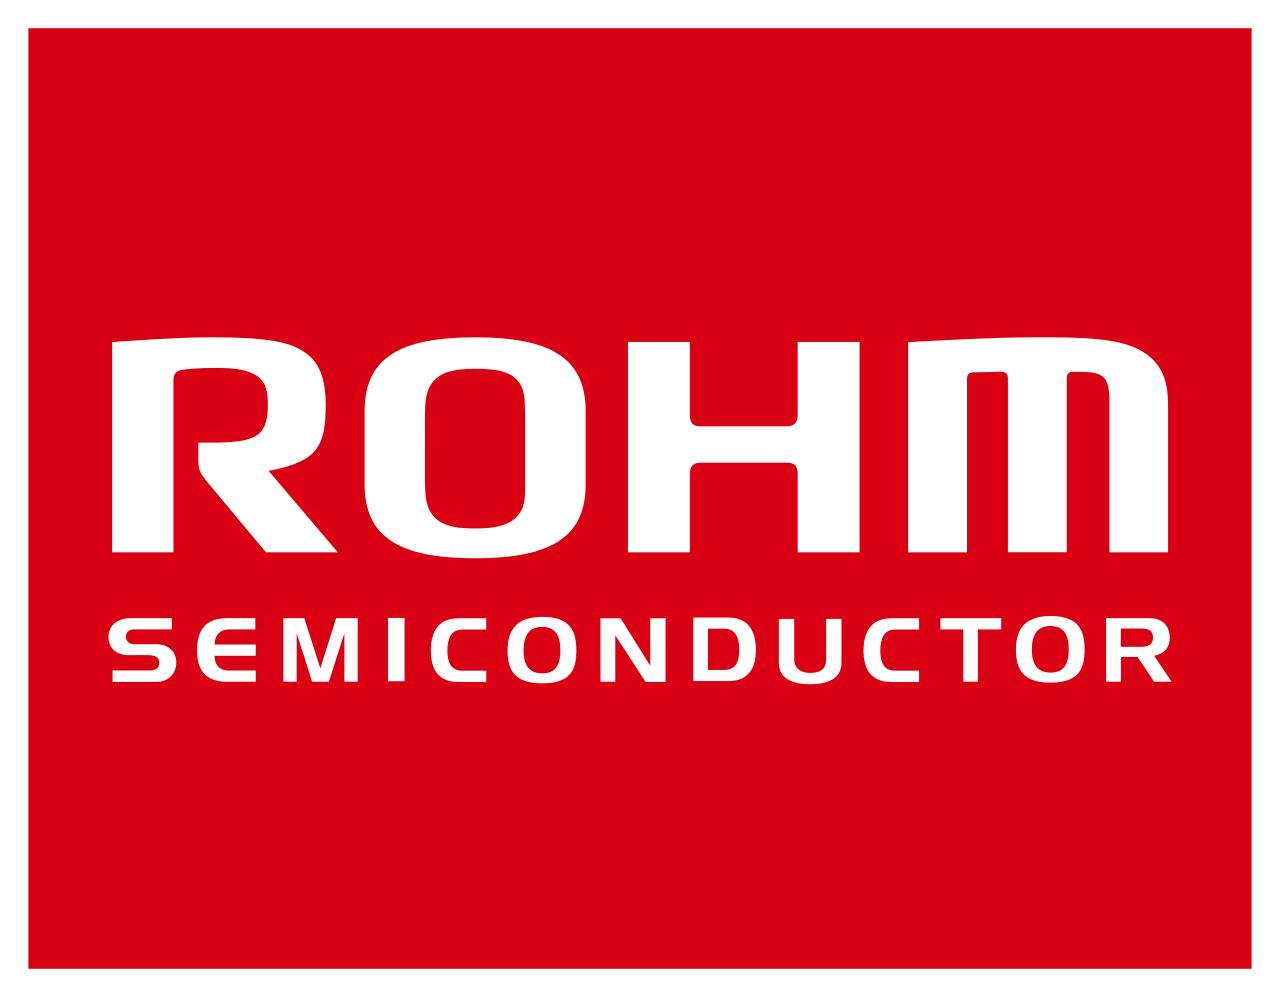 ロームが見せた加速度センサーの買収戦術 スマホにみる見る電子部品サプライヤーM&Aの相克(1)